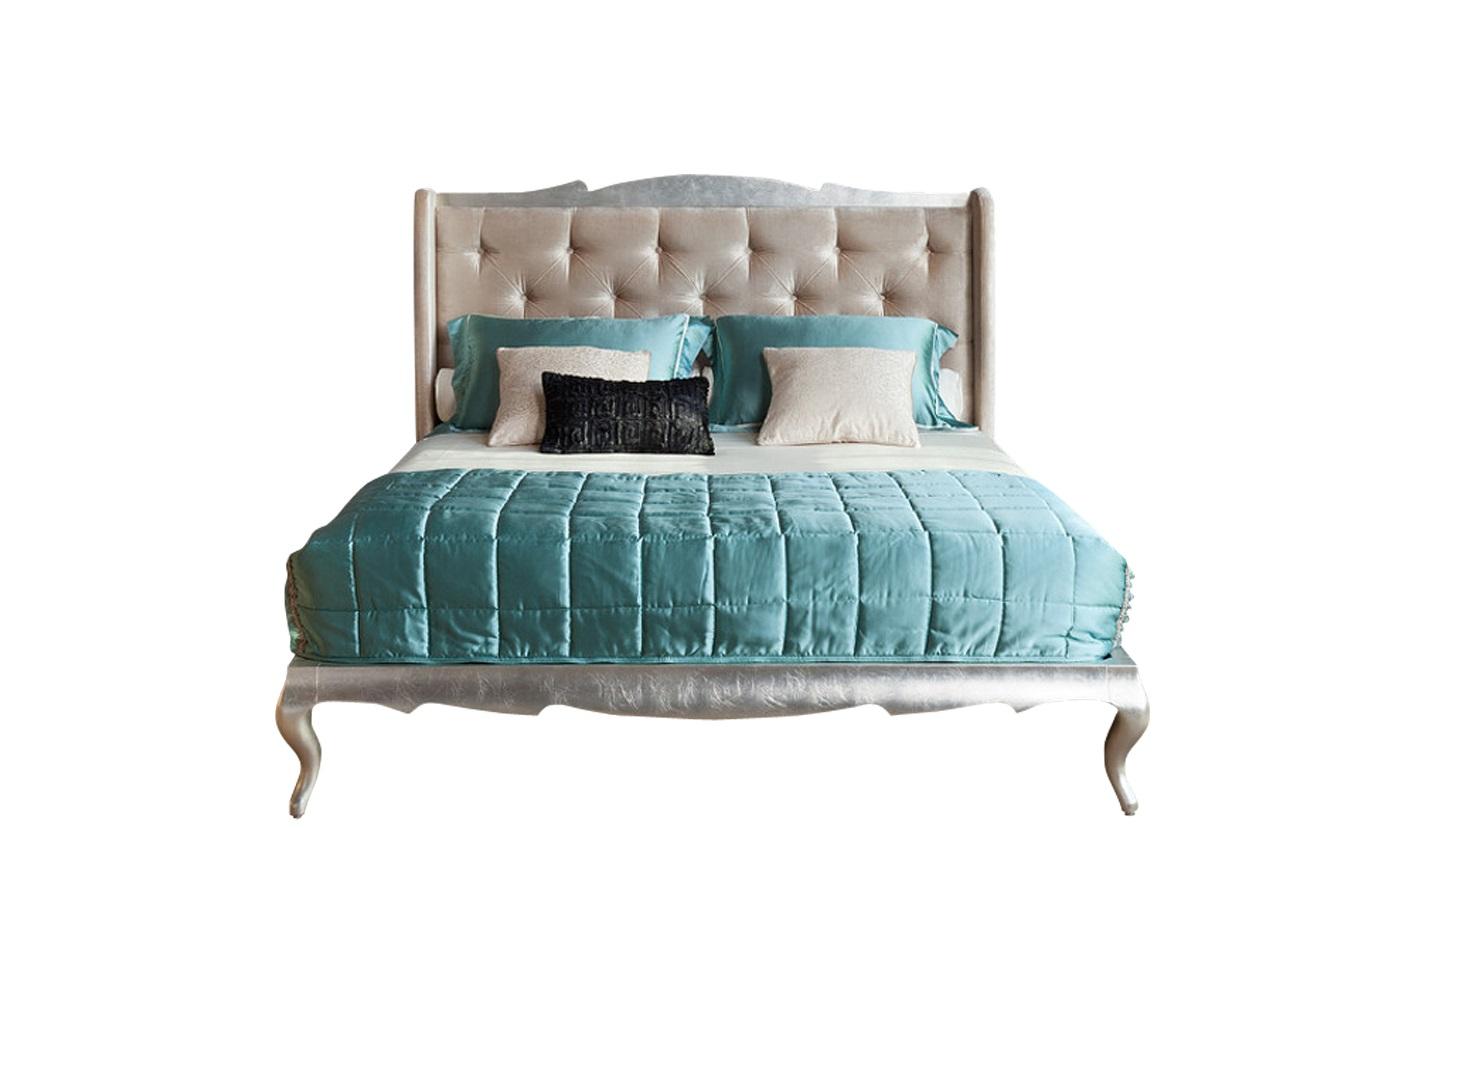 Кровать с решеткой VENEZIAКровати с мягким изголовьем<br>Кровать на гнутых ножках выполнена в стиле Ар деко. Высокое изголовье с загнутыми боковинками обито светло-бежевым велюром (R6012A-40). База и ножки в отделке сусальное серебро. Сделана из высококачественного МДФ высокой плотности и массива дерева.<br>Поставляется с решеткой, без матраса. Размер спального места 180*195 см.<br>Комплектуется решеткой производства России.<br><br>Material: Велюр<br>Length см: 219<br>Width см: 196,8<br>Depth см: None<br>Height см: 139,1